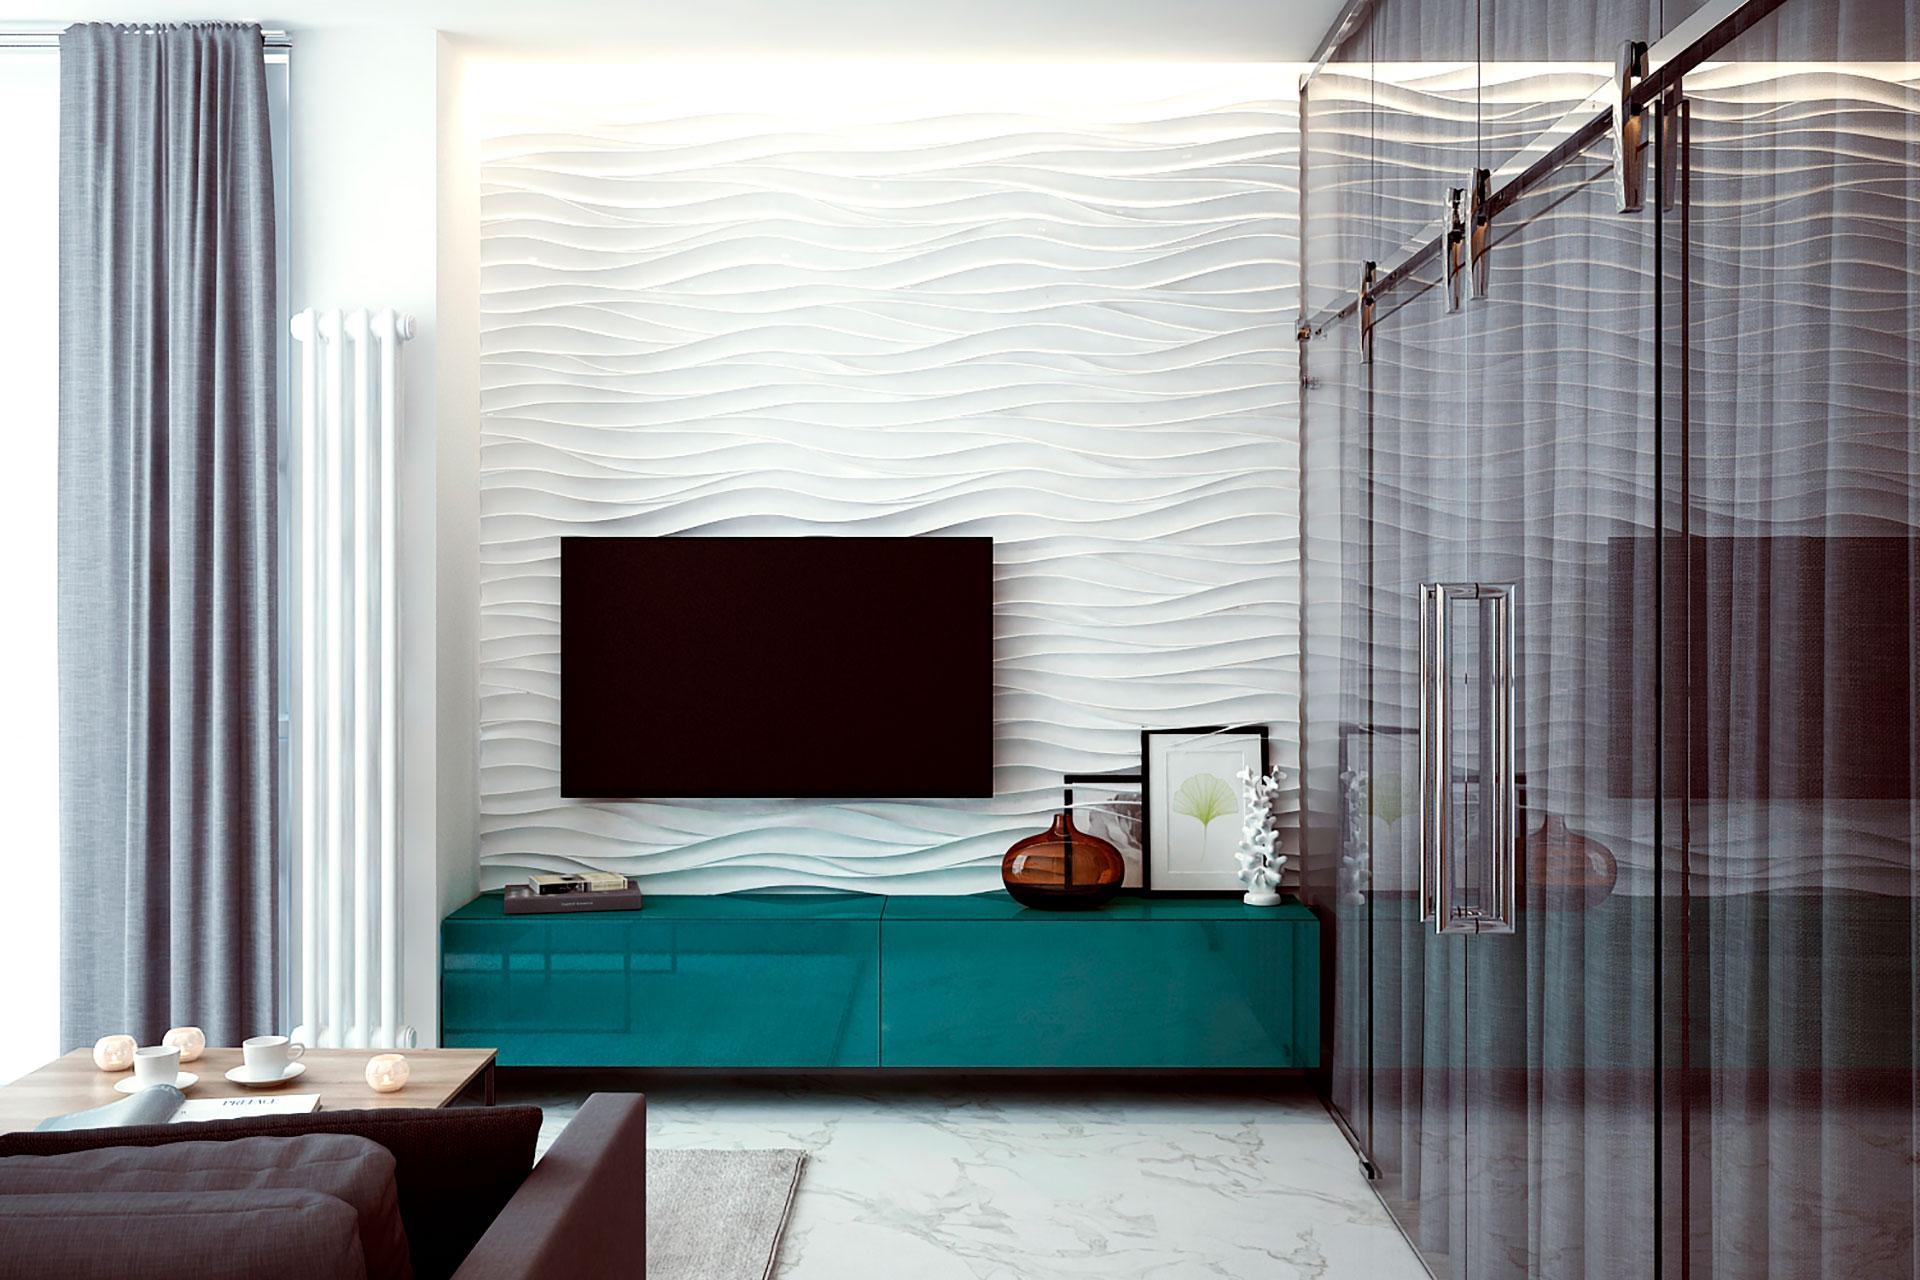 Визуализация интерьера квартиры в современном стиле в ЖК Мосфильмовский